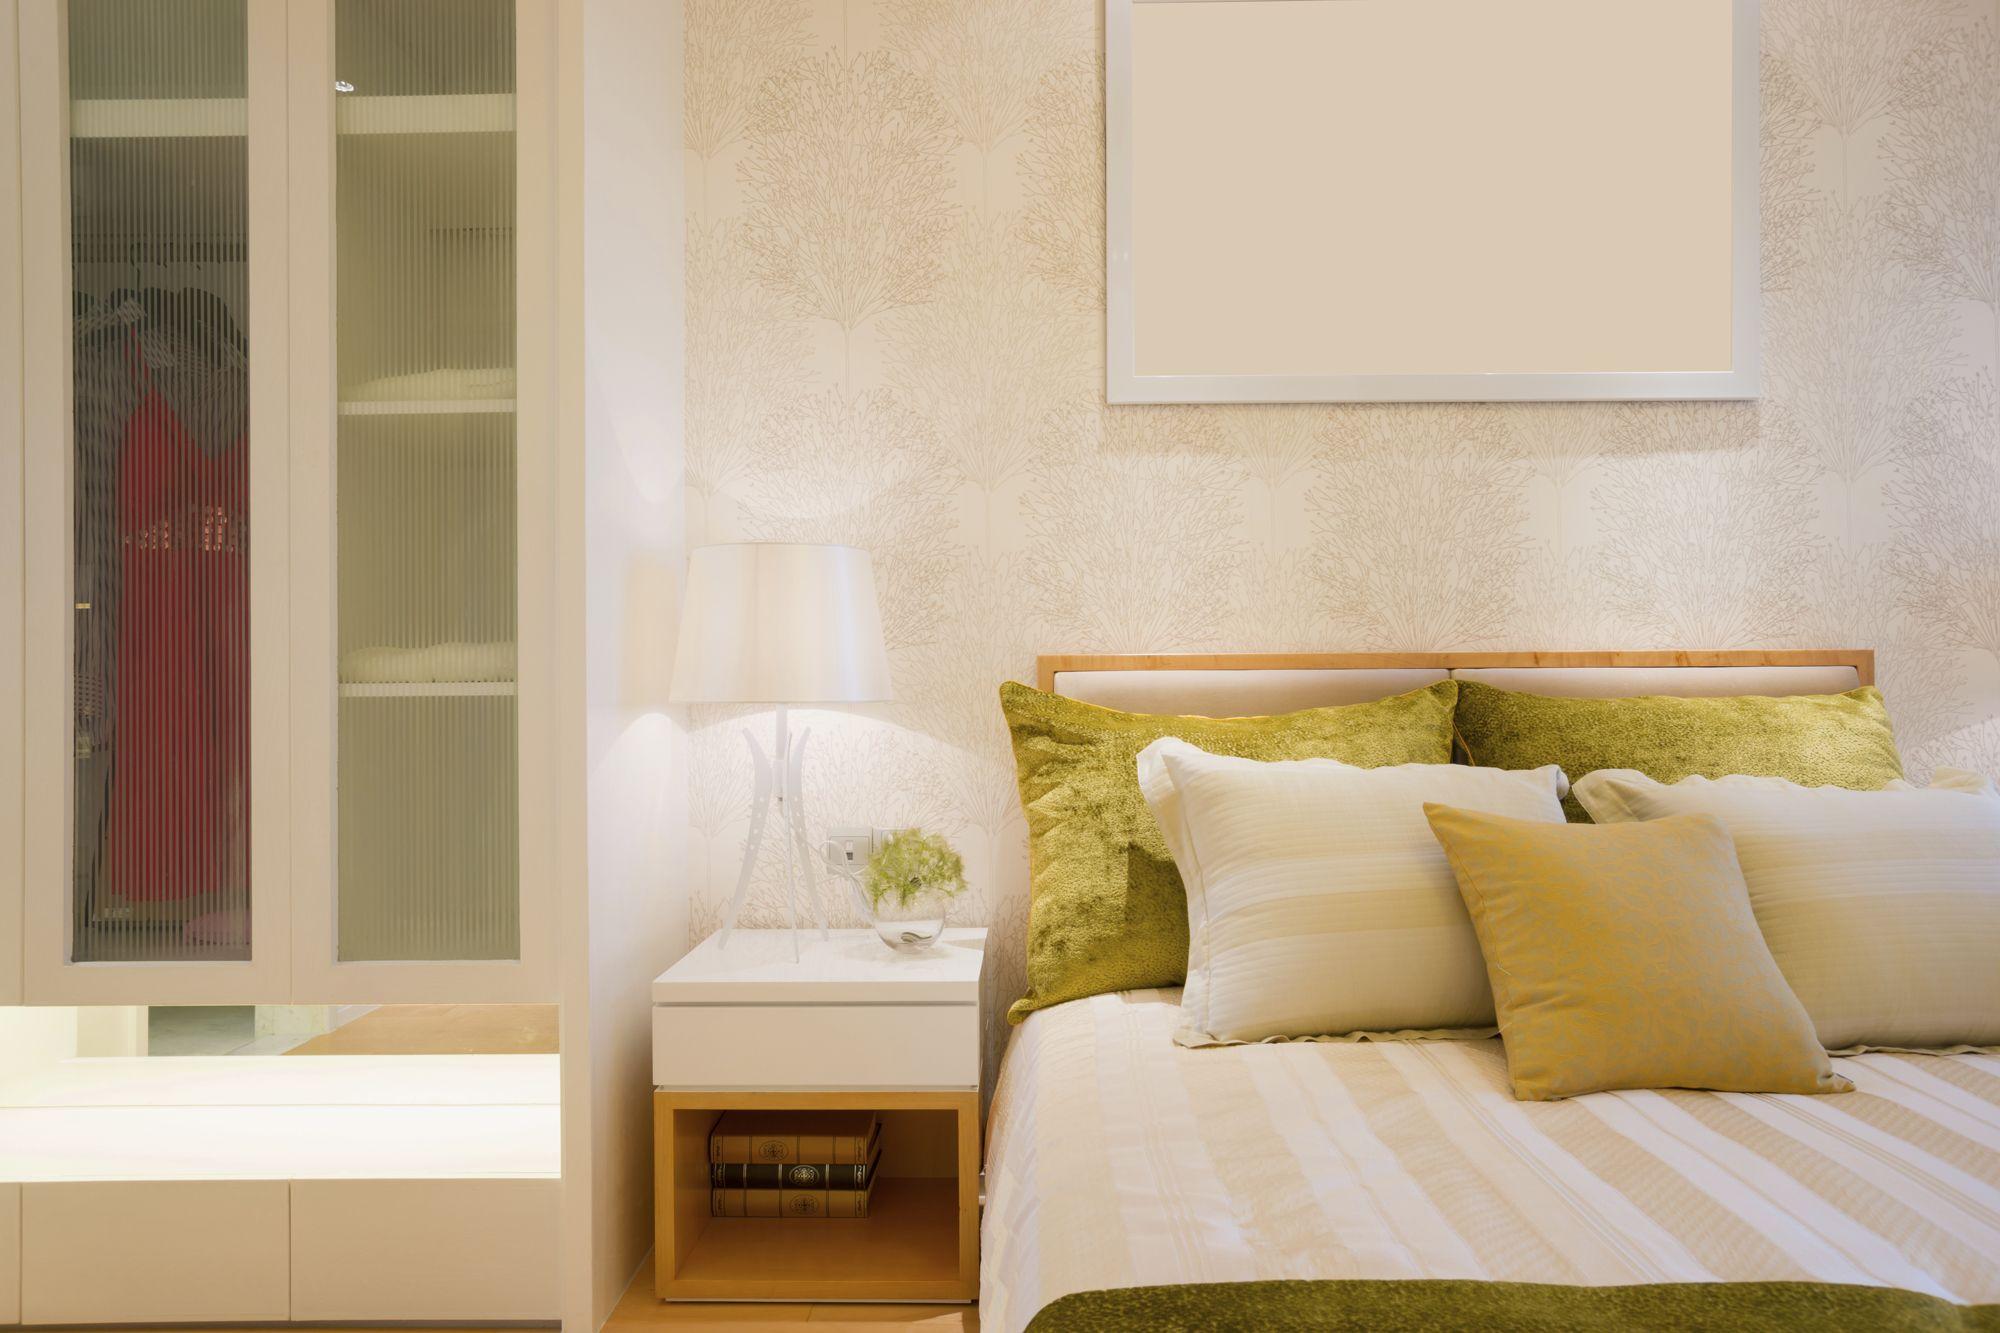 Dormitorio luminoso en tonos claros